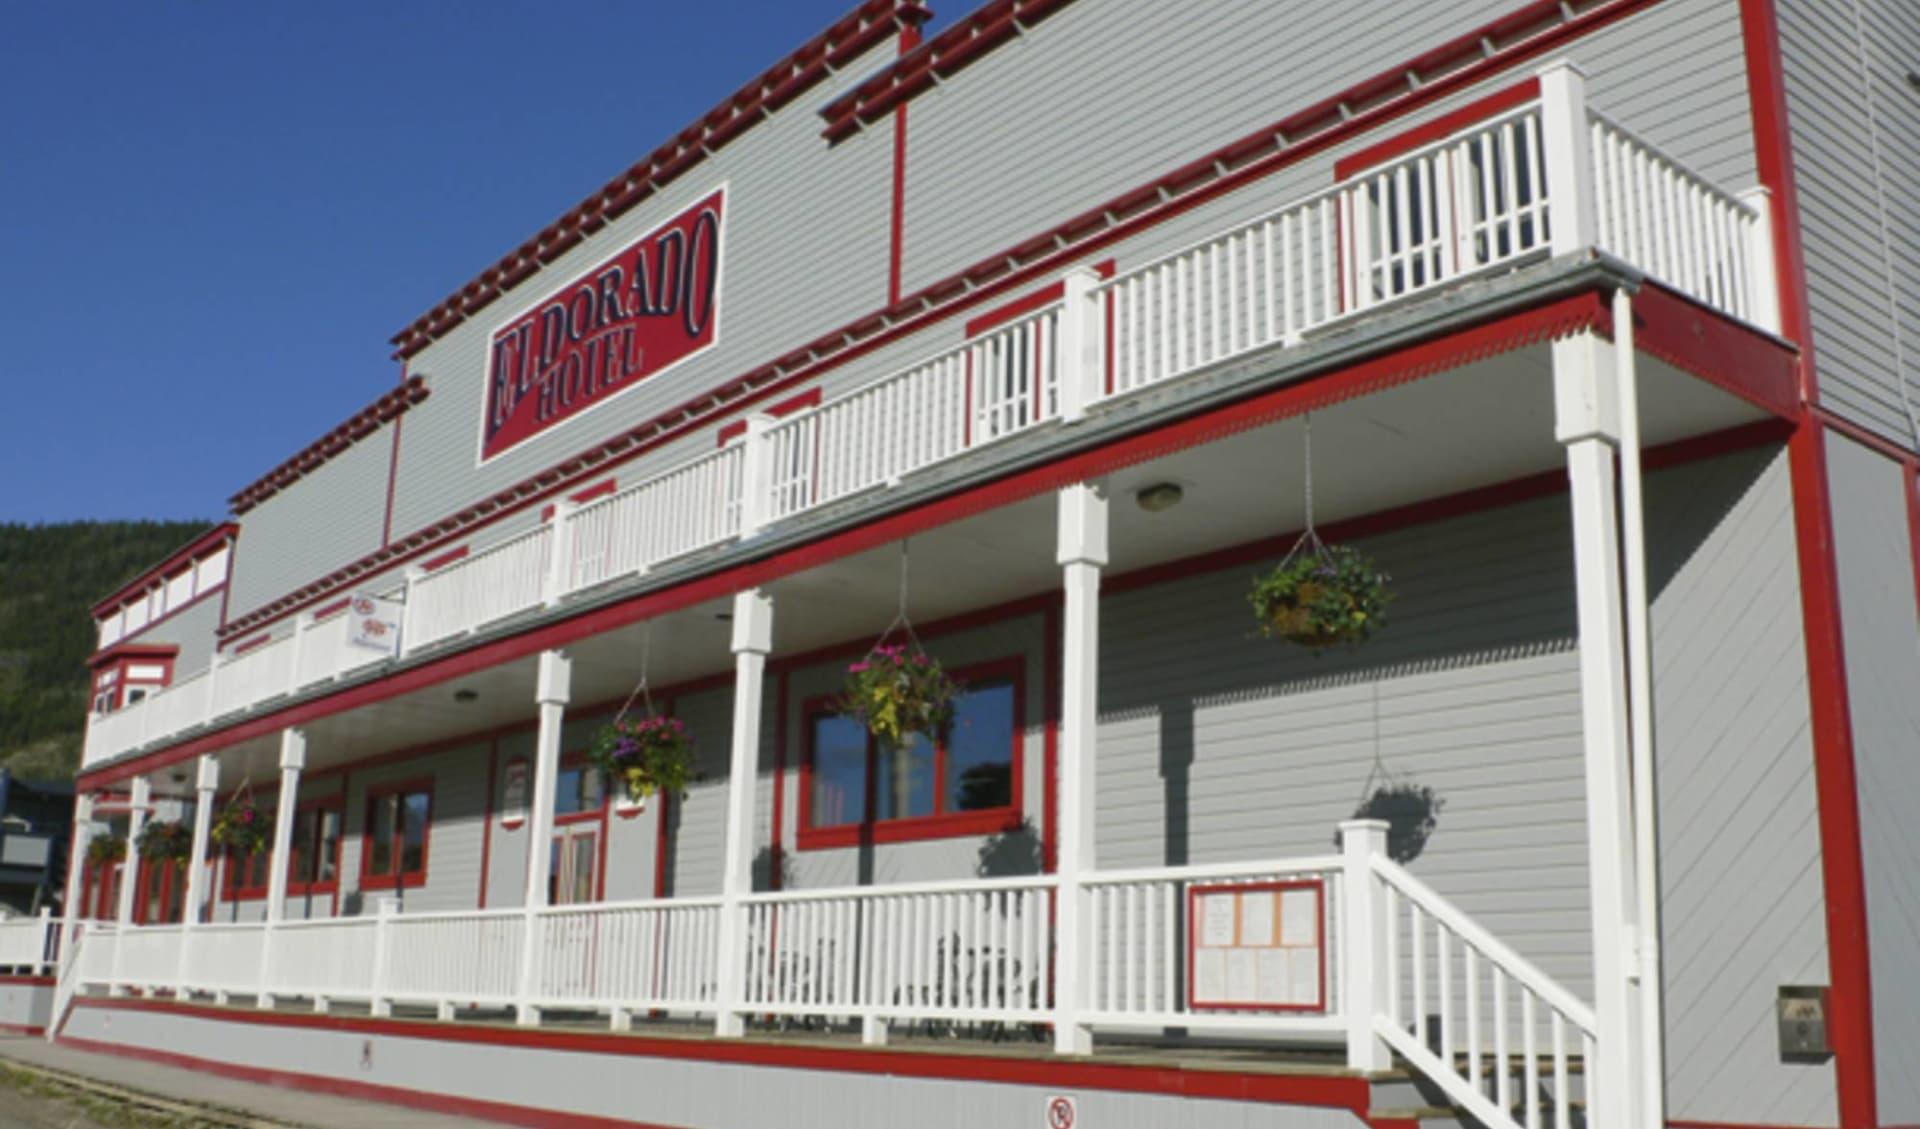 The Eldorado Hotel in Dawson City:  2011_088_05_eldorado hotel